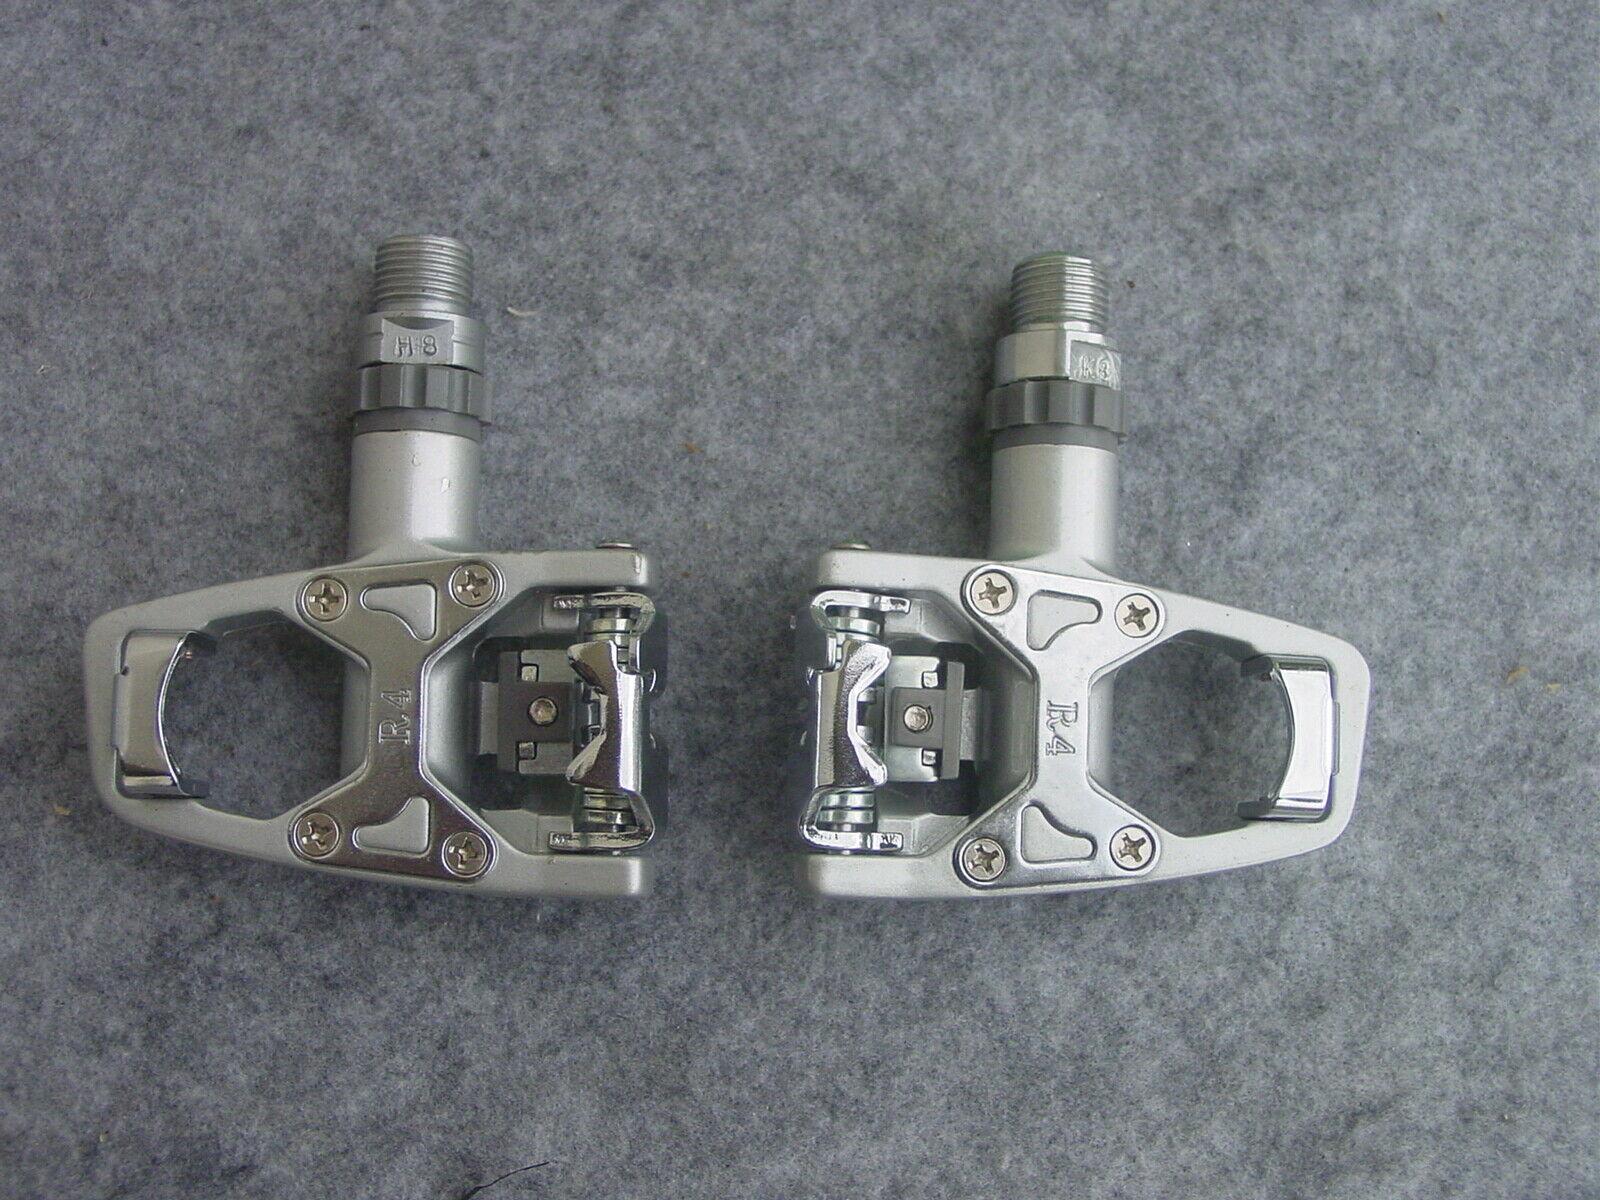 Wellgo Wam R 4 Bici da Corsa Pedali silver Nuovo Conf. Orig. Simile Sistema